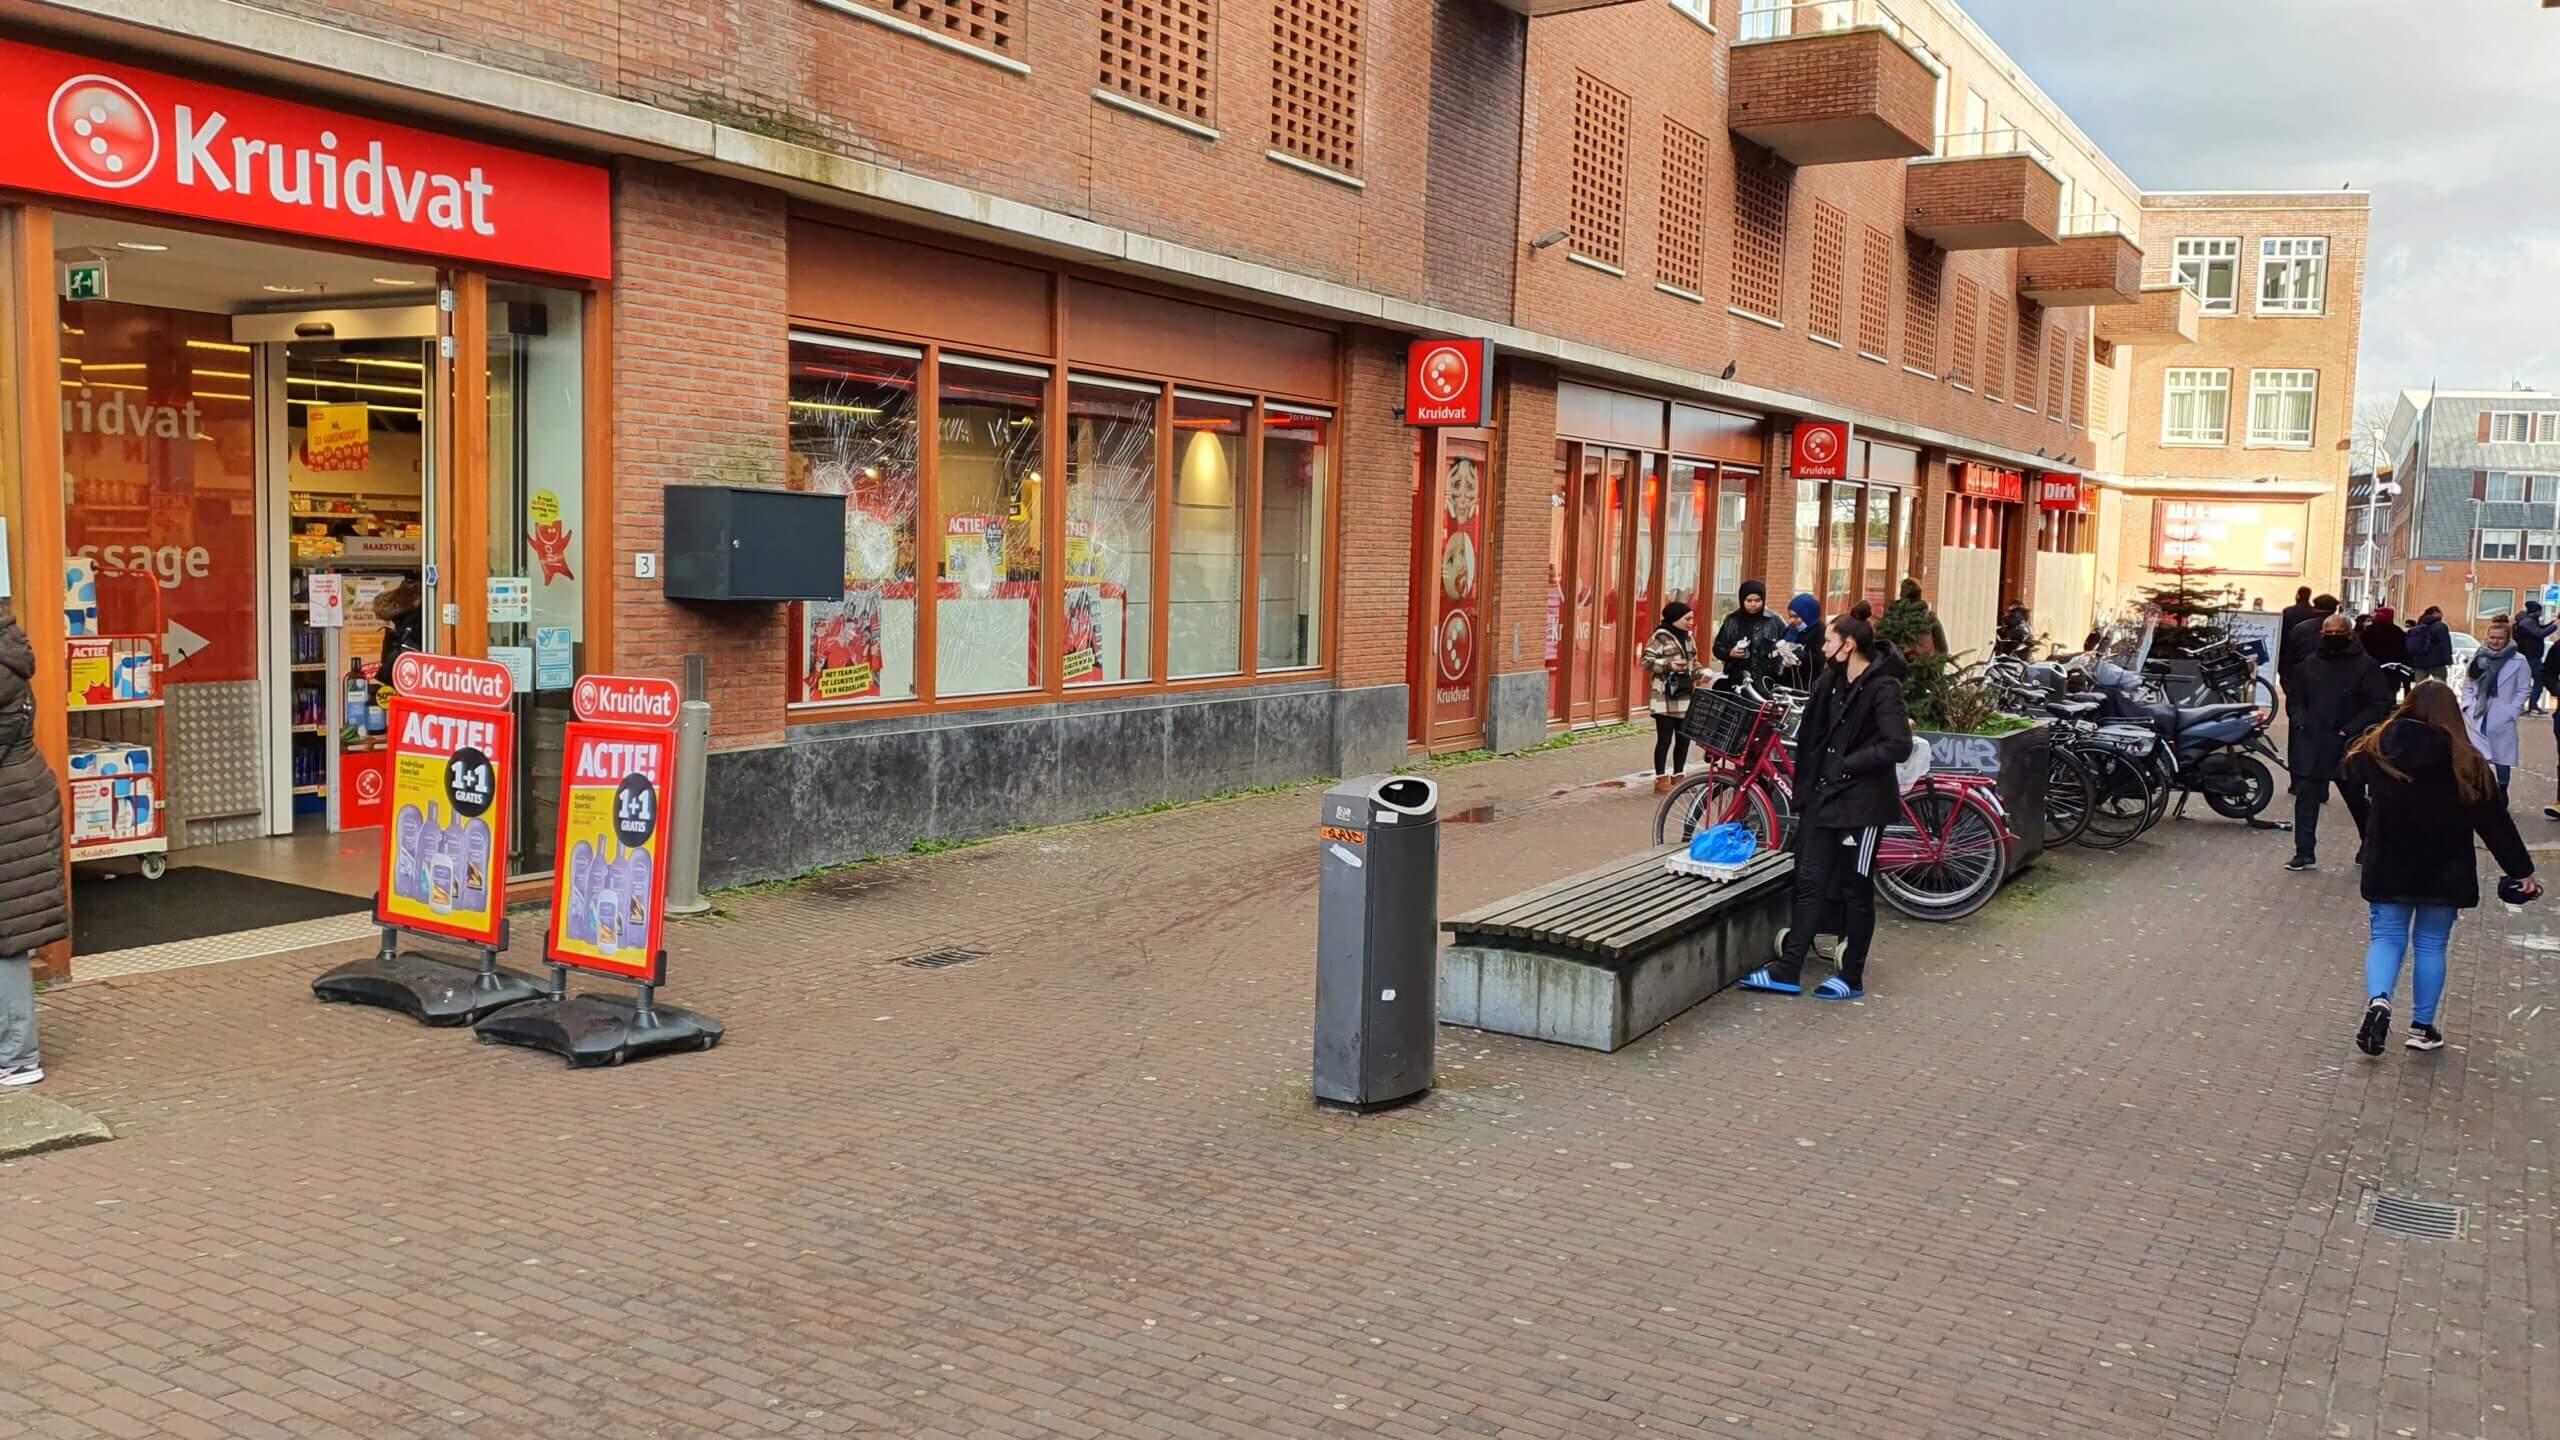 Belediye Başkanı Aboutaleb, Rotterdam'daki isyanlar hakkında konuştu: 'Onlar bir grup yağmacı ve hırsız'